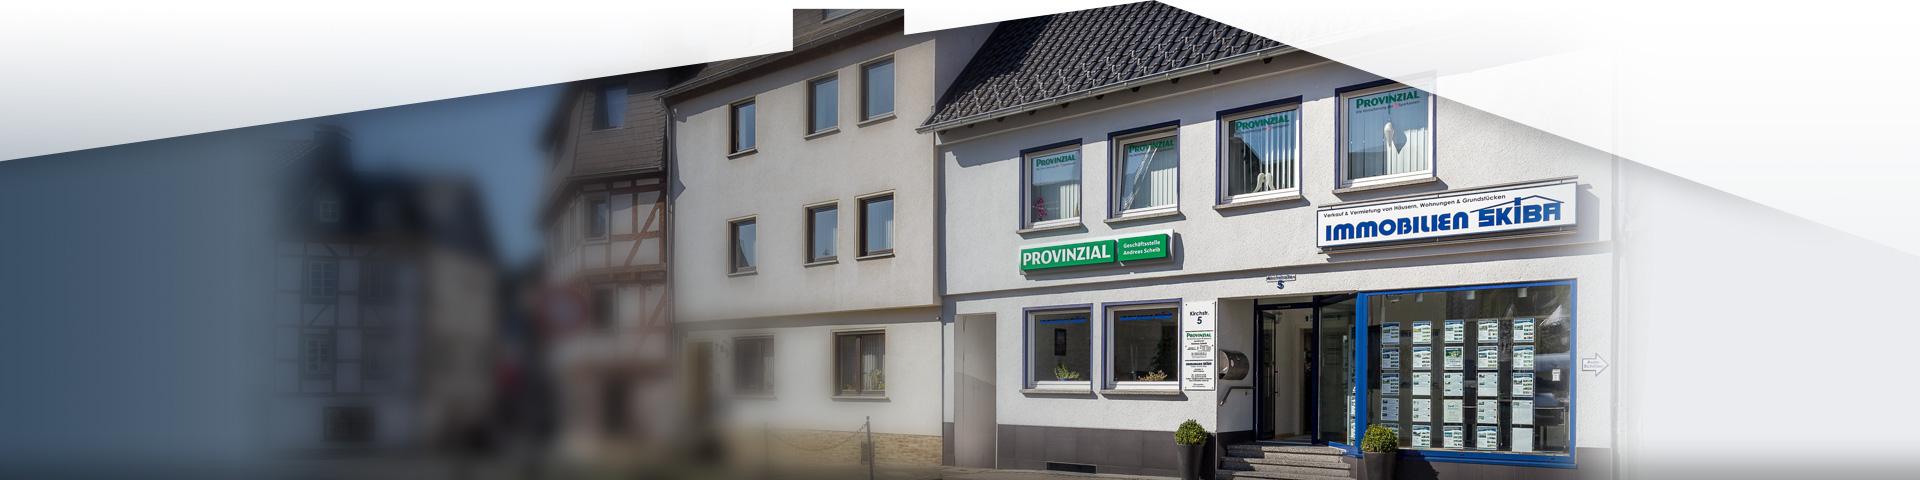 Immobilien Skiba: Ihr Immobilienmakler aus der Eifel